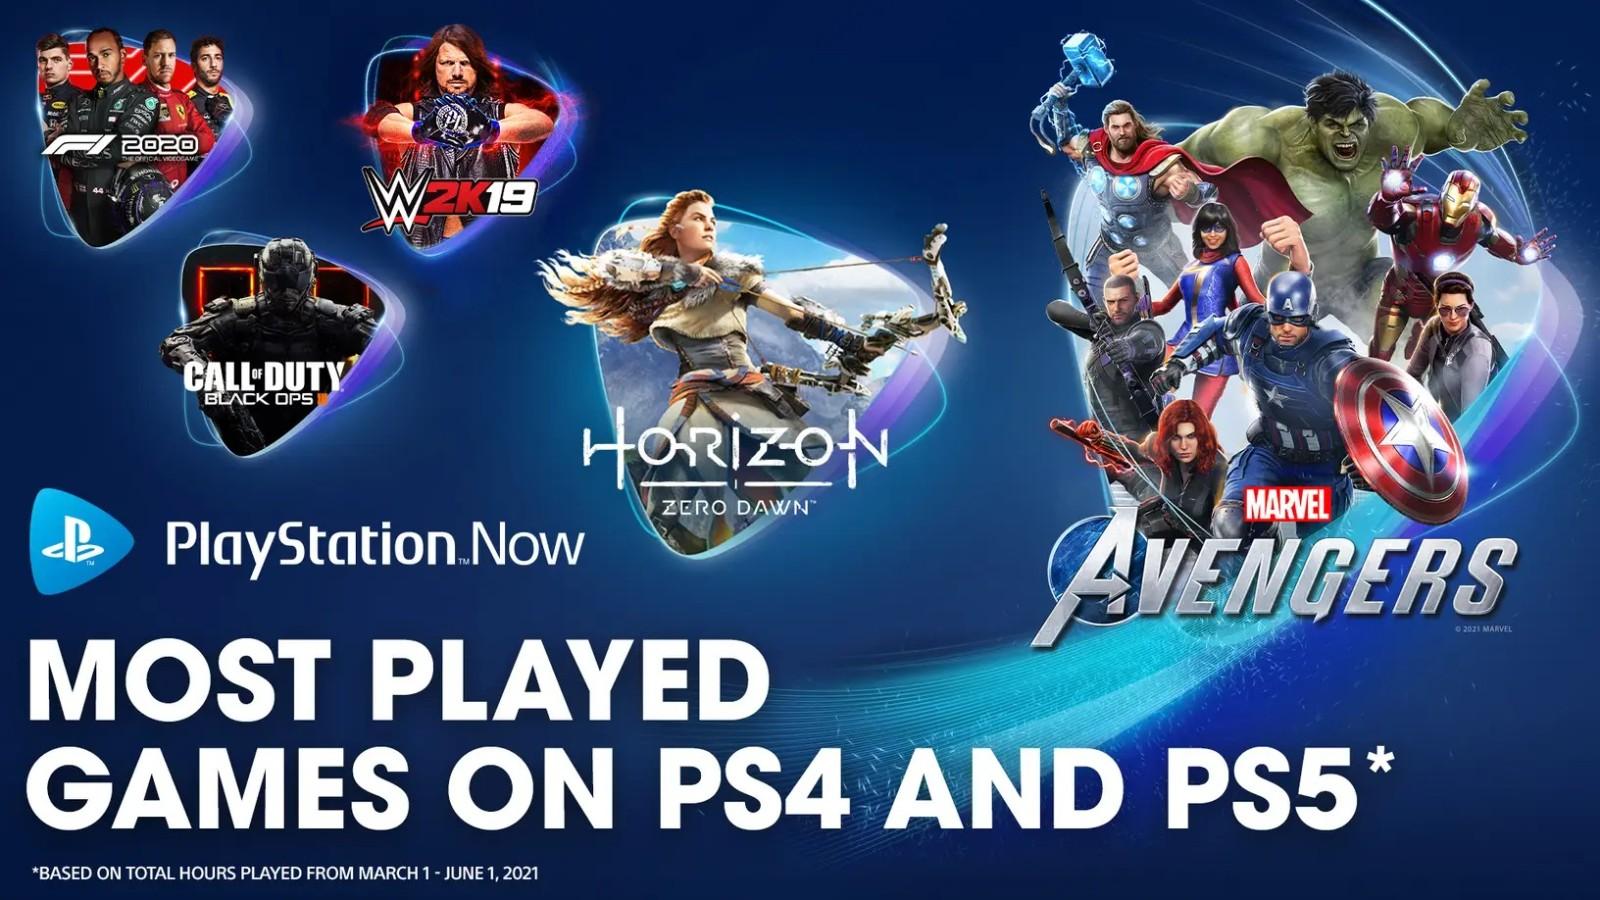 PSNow服务春季最受欢迎游戏 《血源》《复联》居首